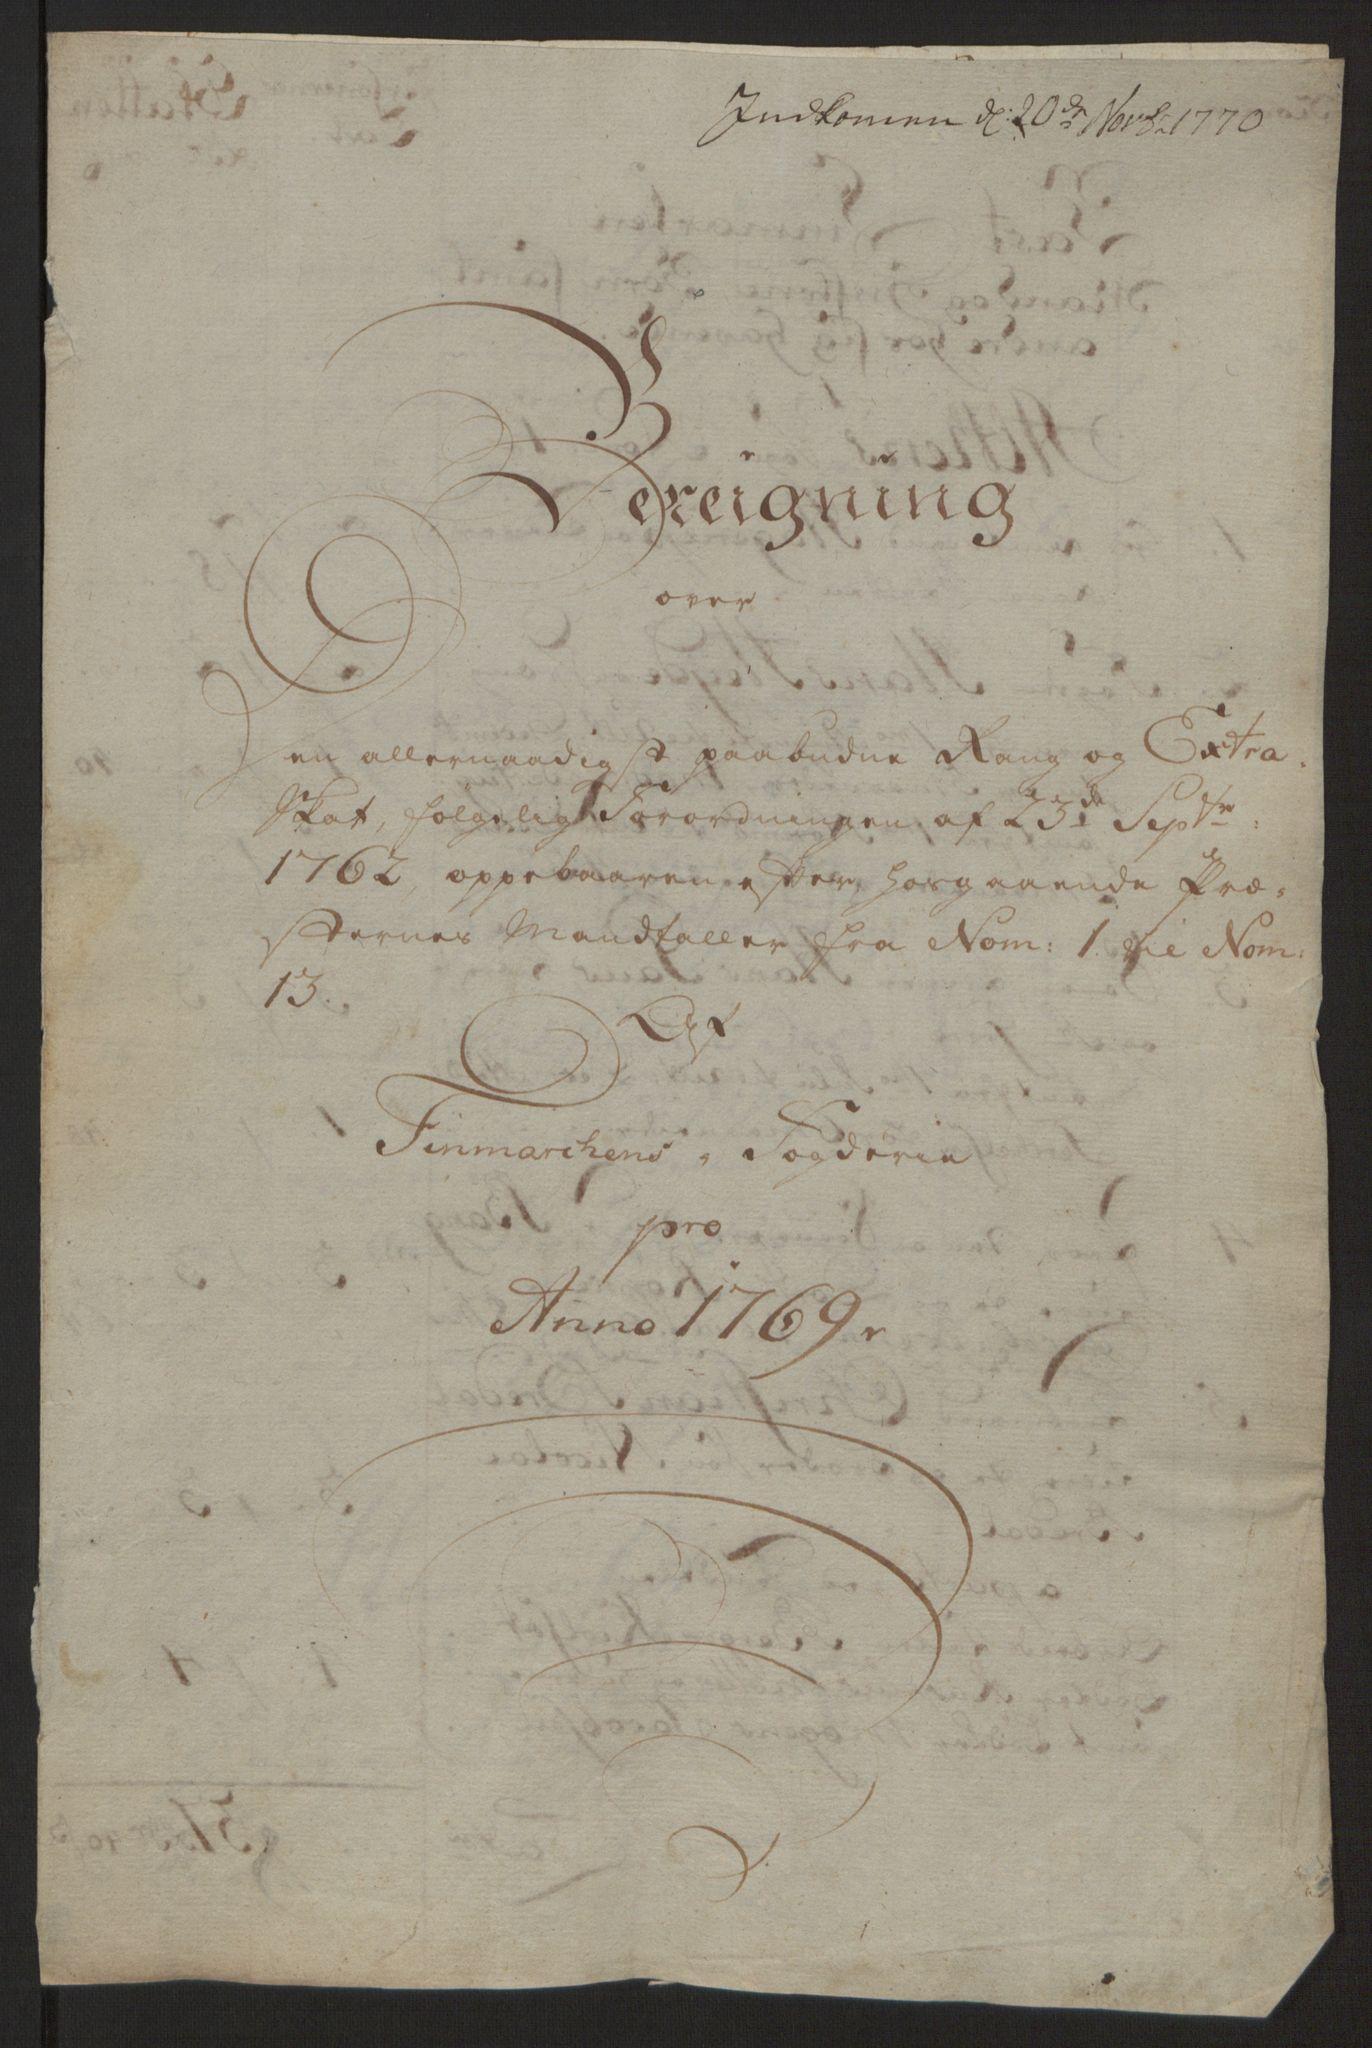 RA, Rentekammeret inntil 1814, Reviderte regnskaper, Fogderegnskap, R69/L4910: Ekstraskatten  Finnmark/Vardøhus, 1762-1772, s. 334